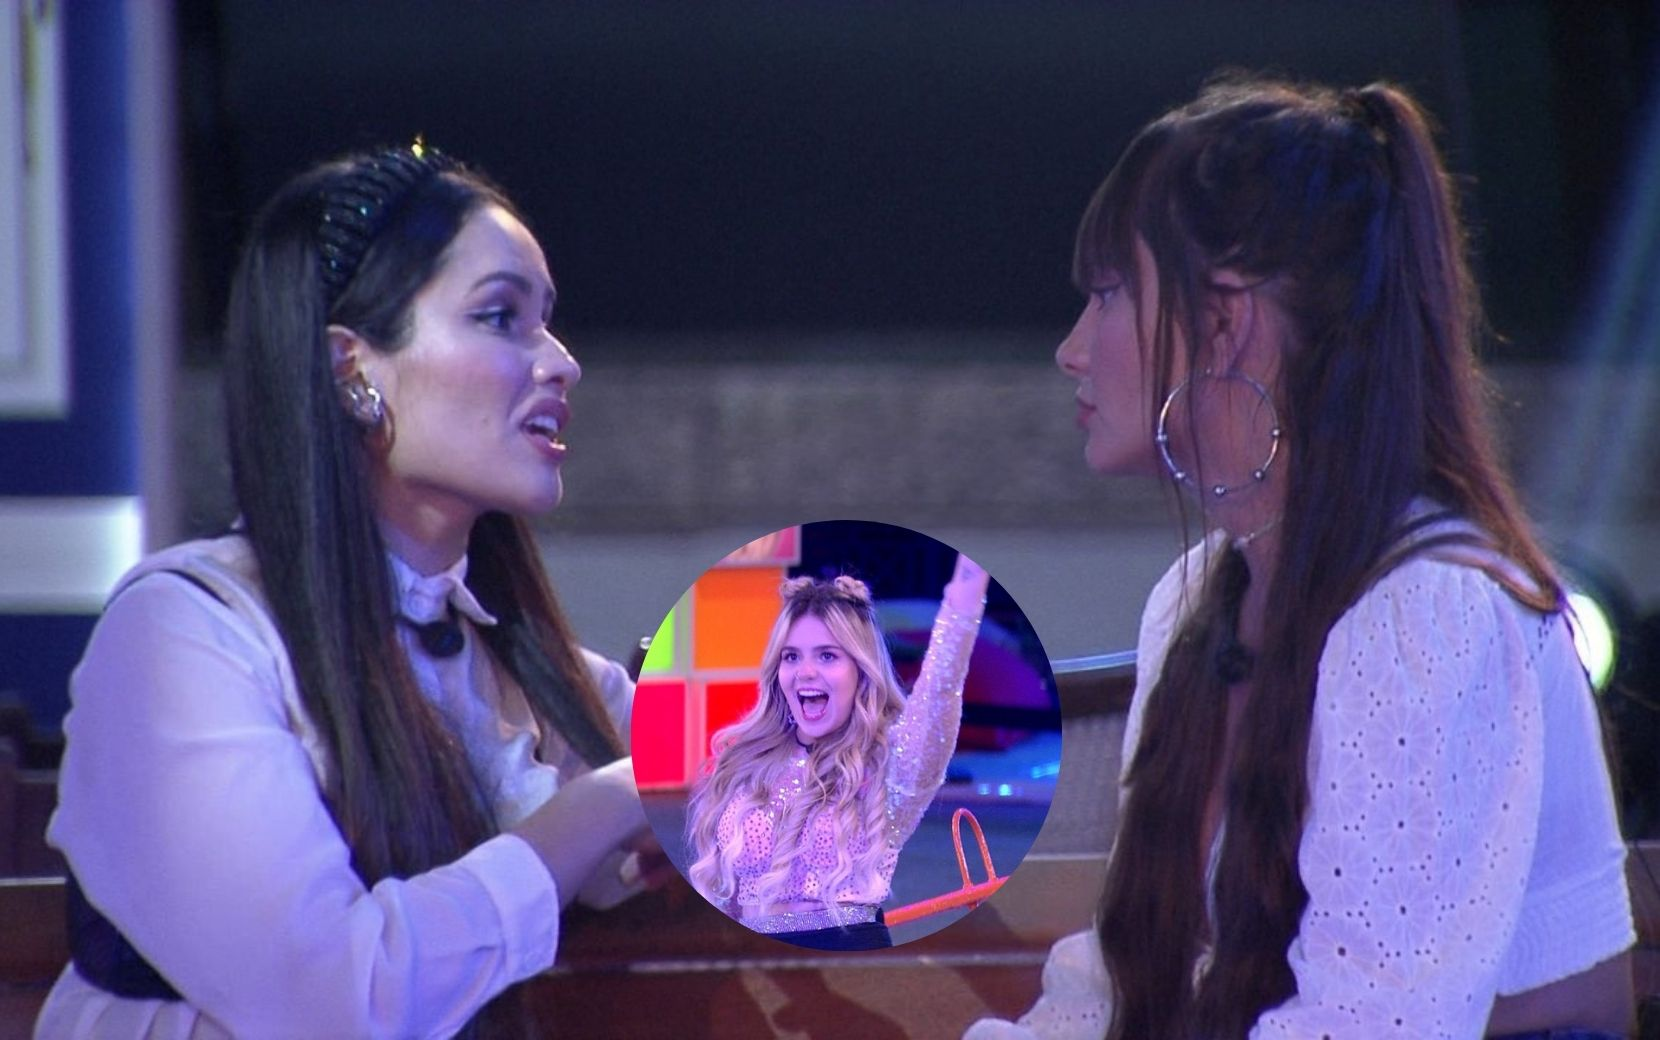 BBB21: Thaís e Juliette discutem por causa de amizade com Viih Tube: